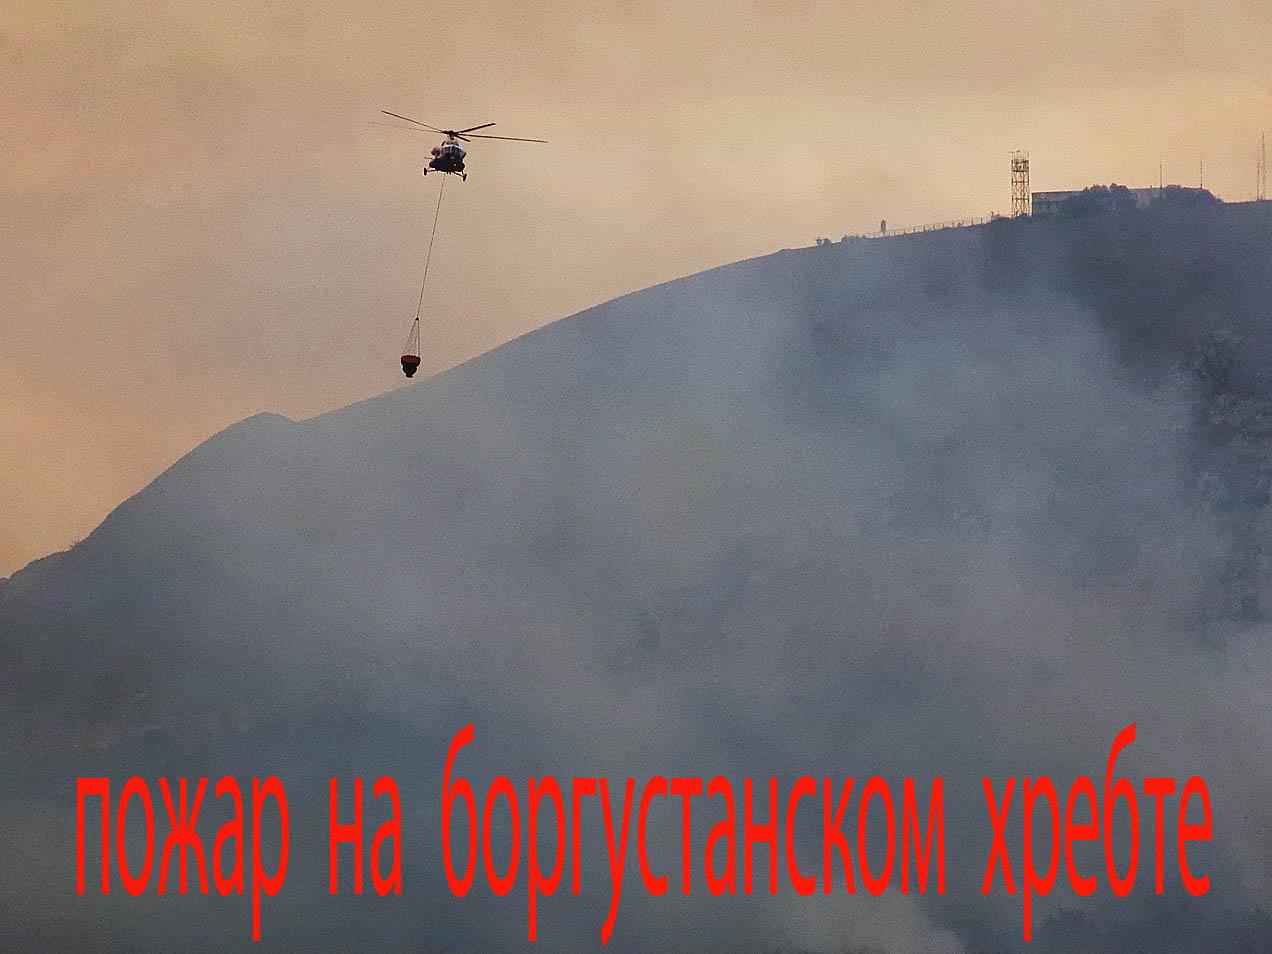 Юрий ЖВАНКО: БОРЬБА МАЛЕНЬКОГО ВЕРТОЛЕТА С ОГНЕМ